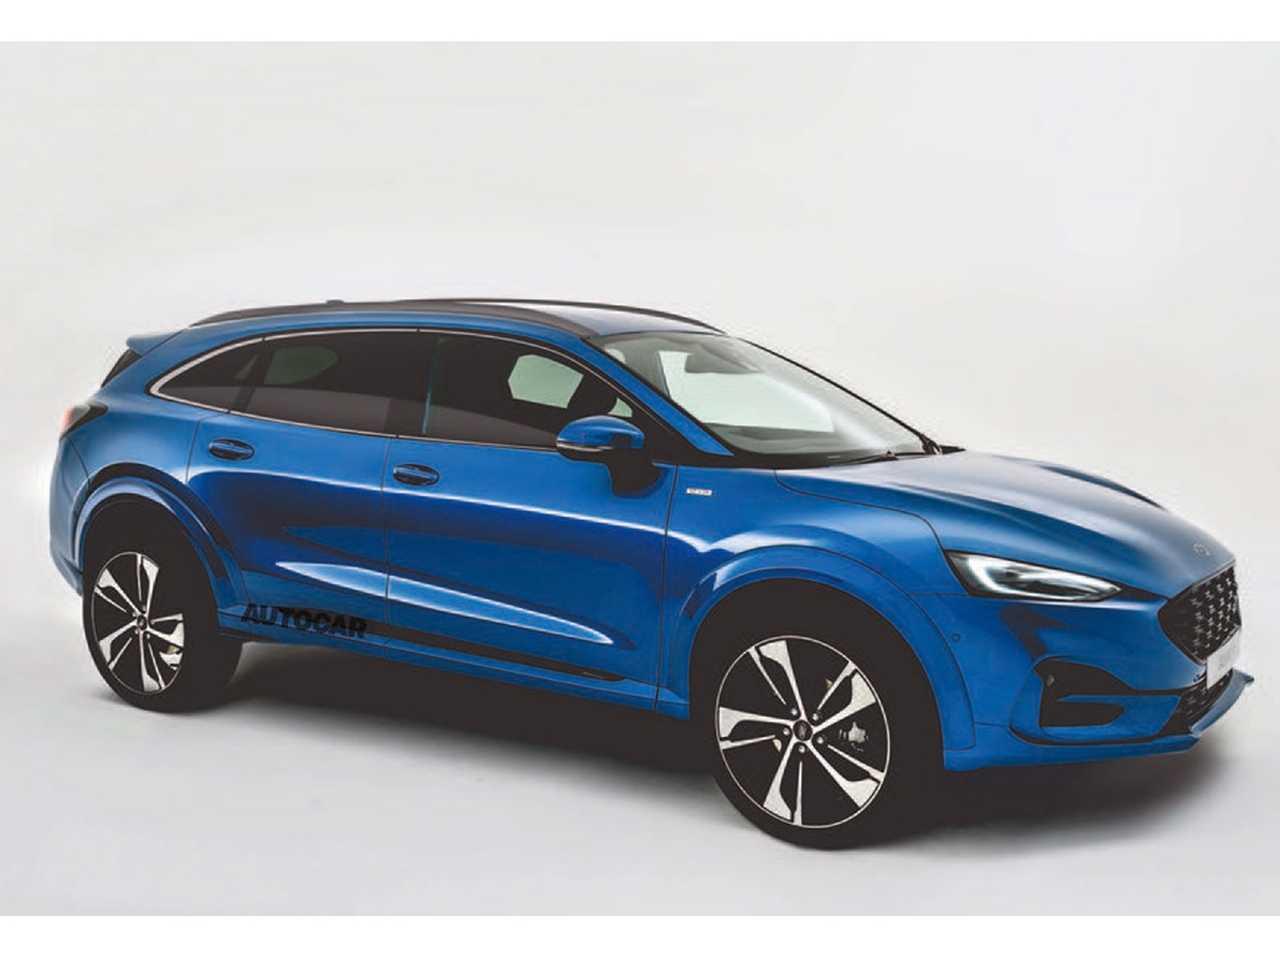 Acima projeção da revista inglesa Autocar sobre o que podemos esperar para a nova geração do Ford Fusion/Mondeo